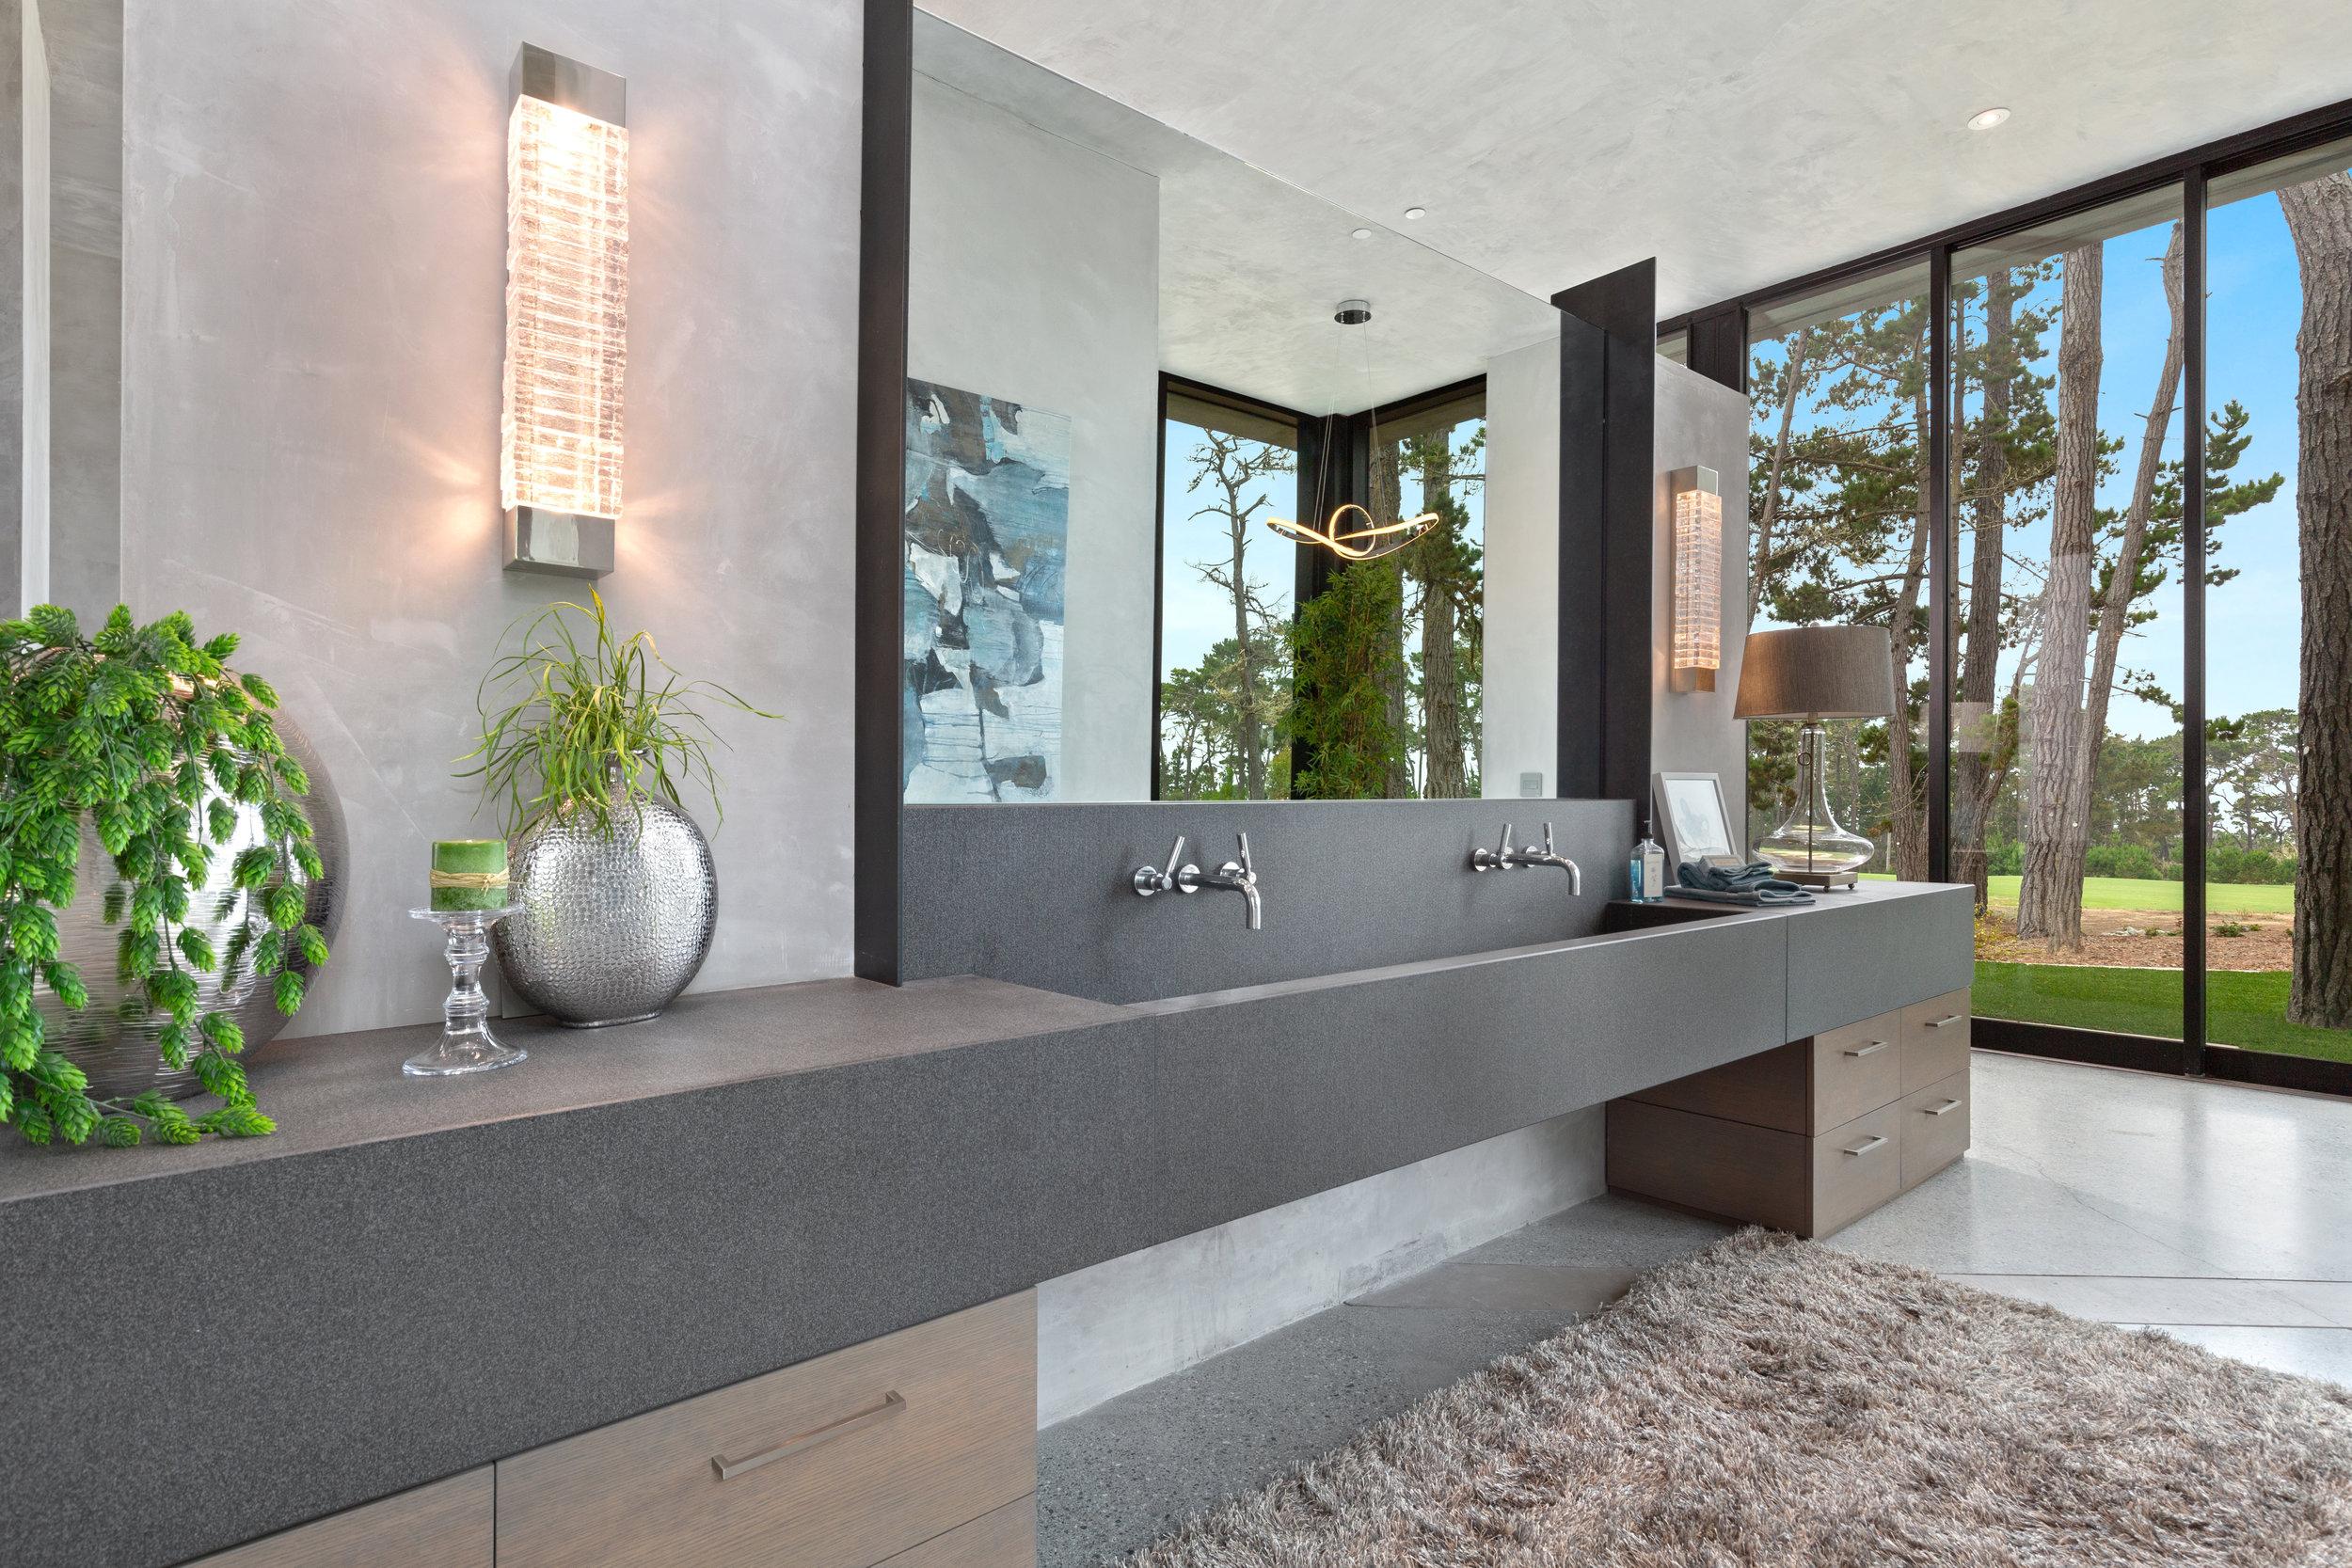 San Jose Real Estate Videos